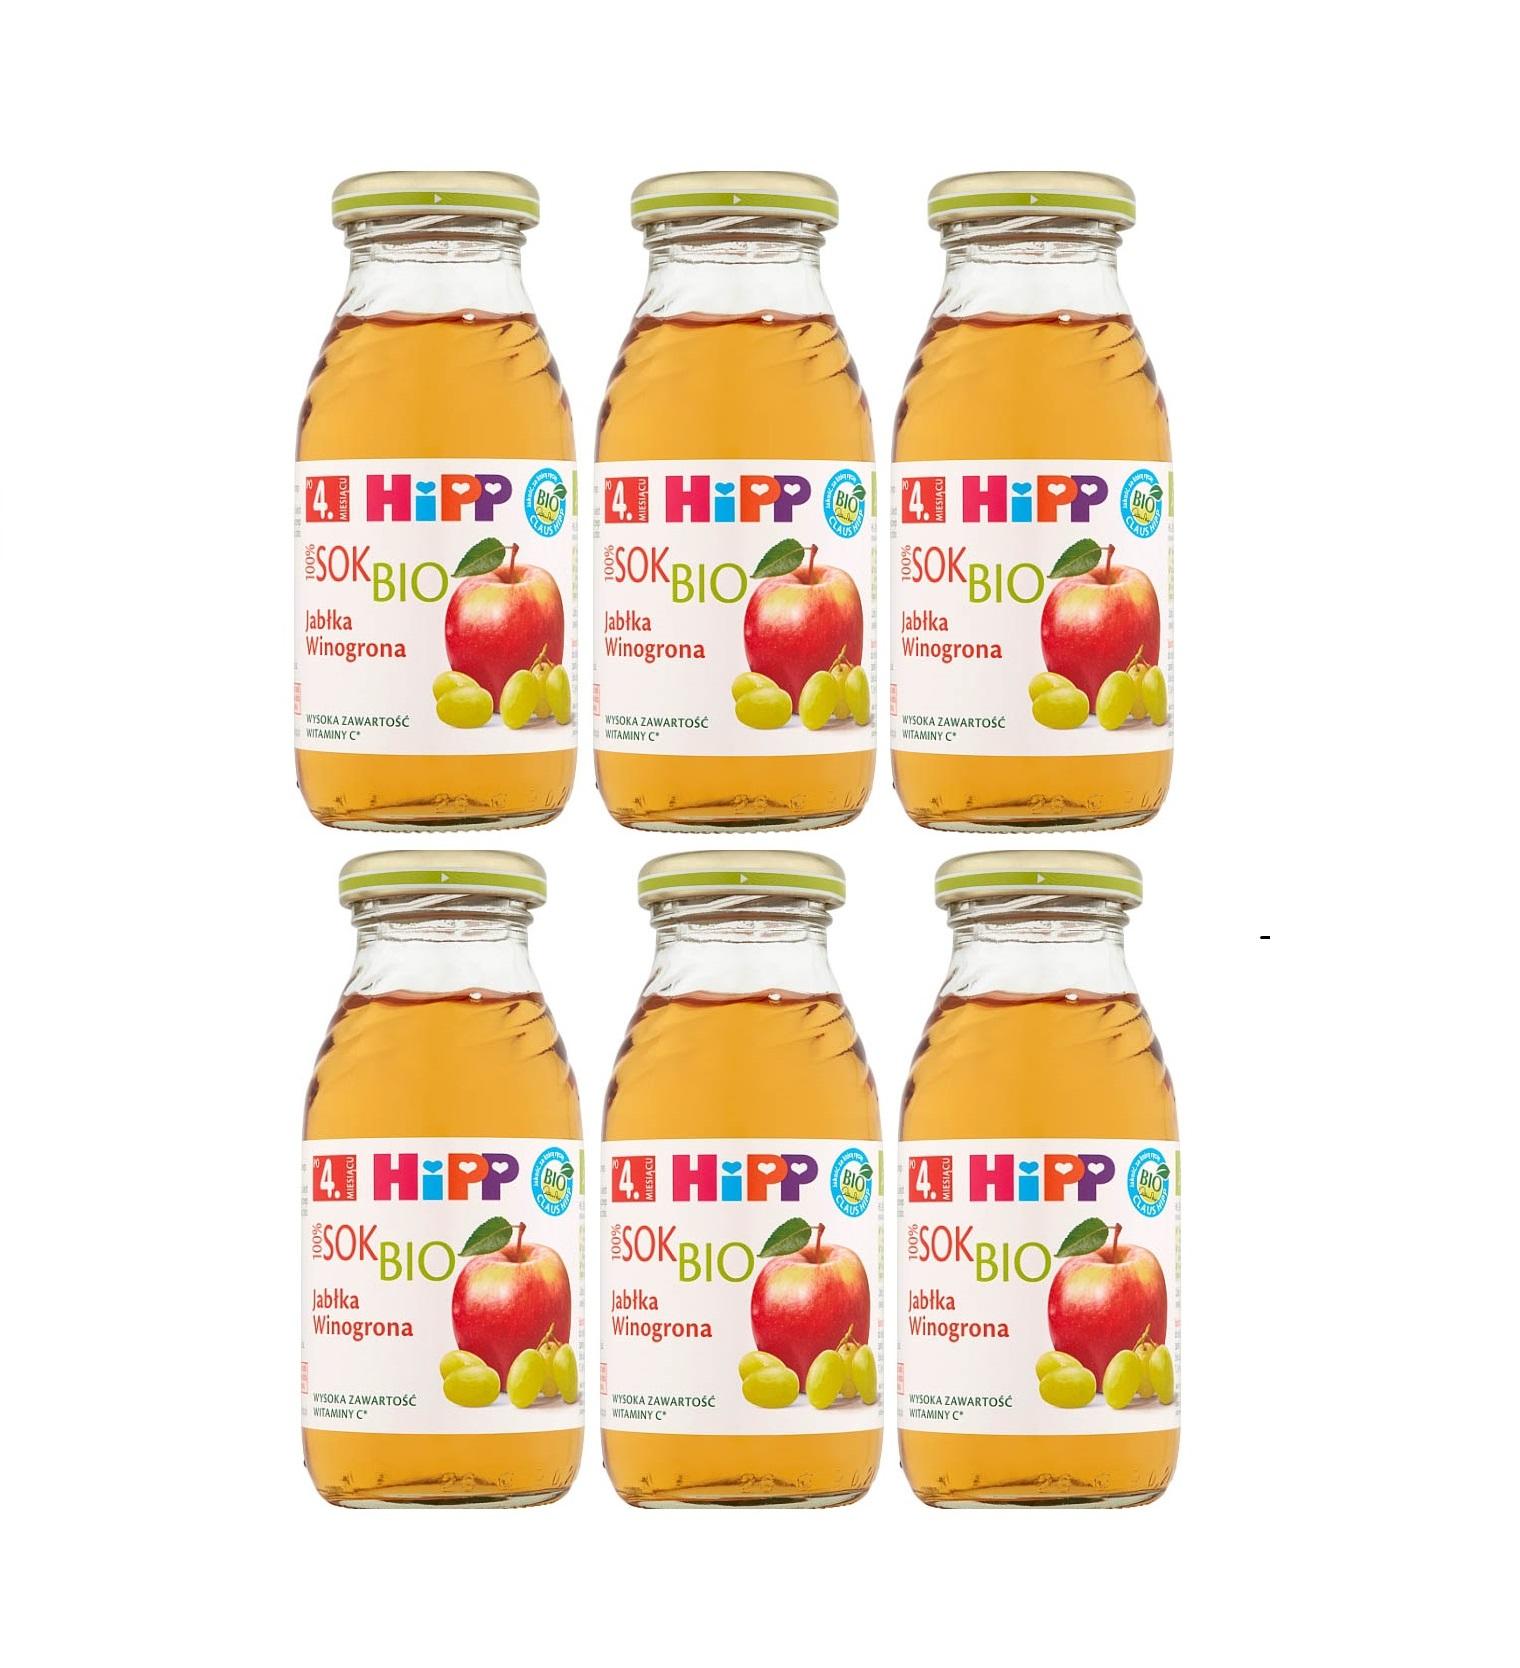 6 pack hipp 200ml sok jablko winogrona